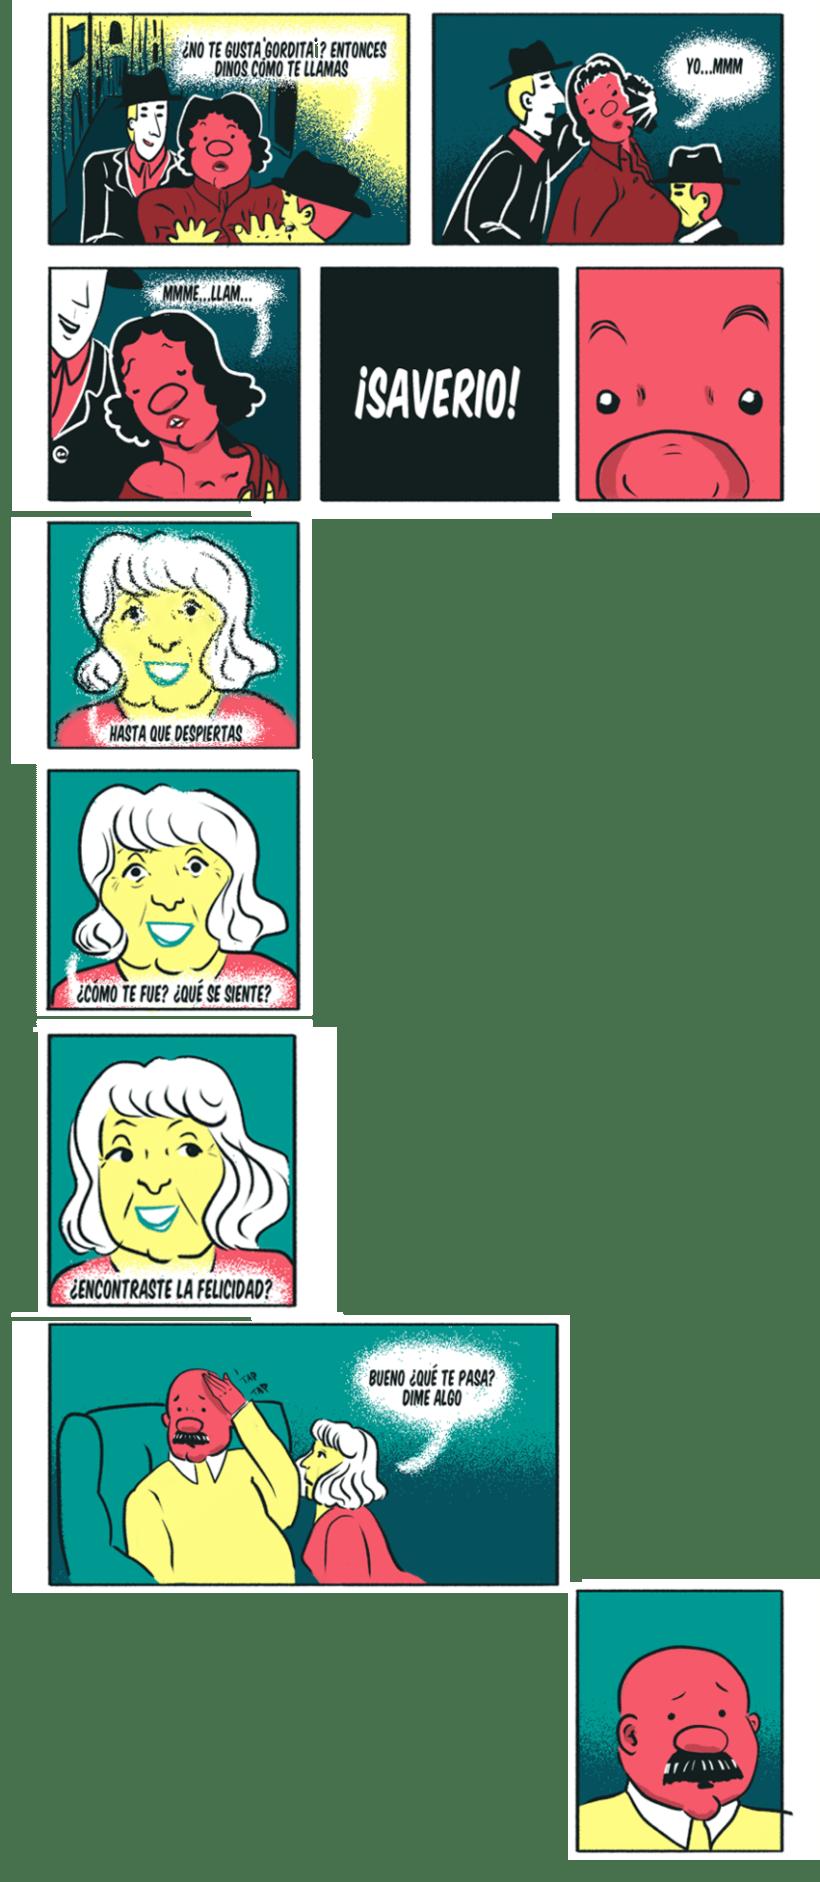 saverio 8